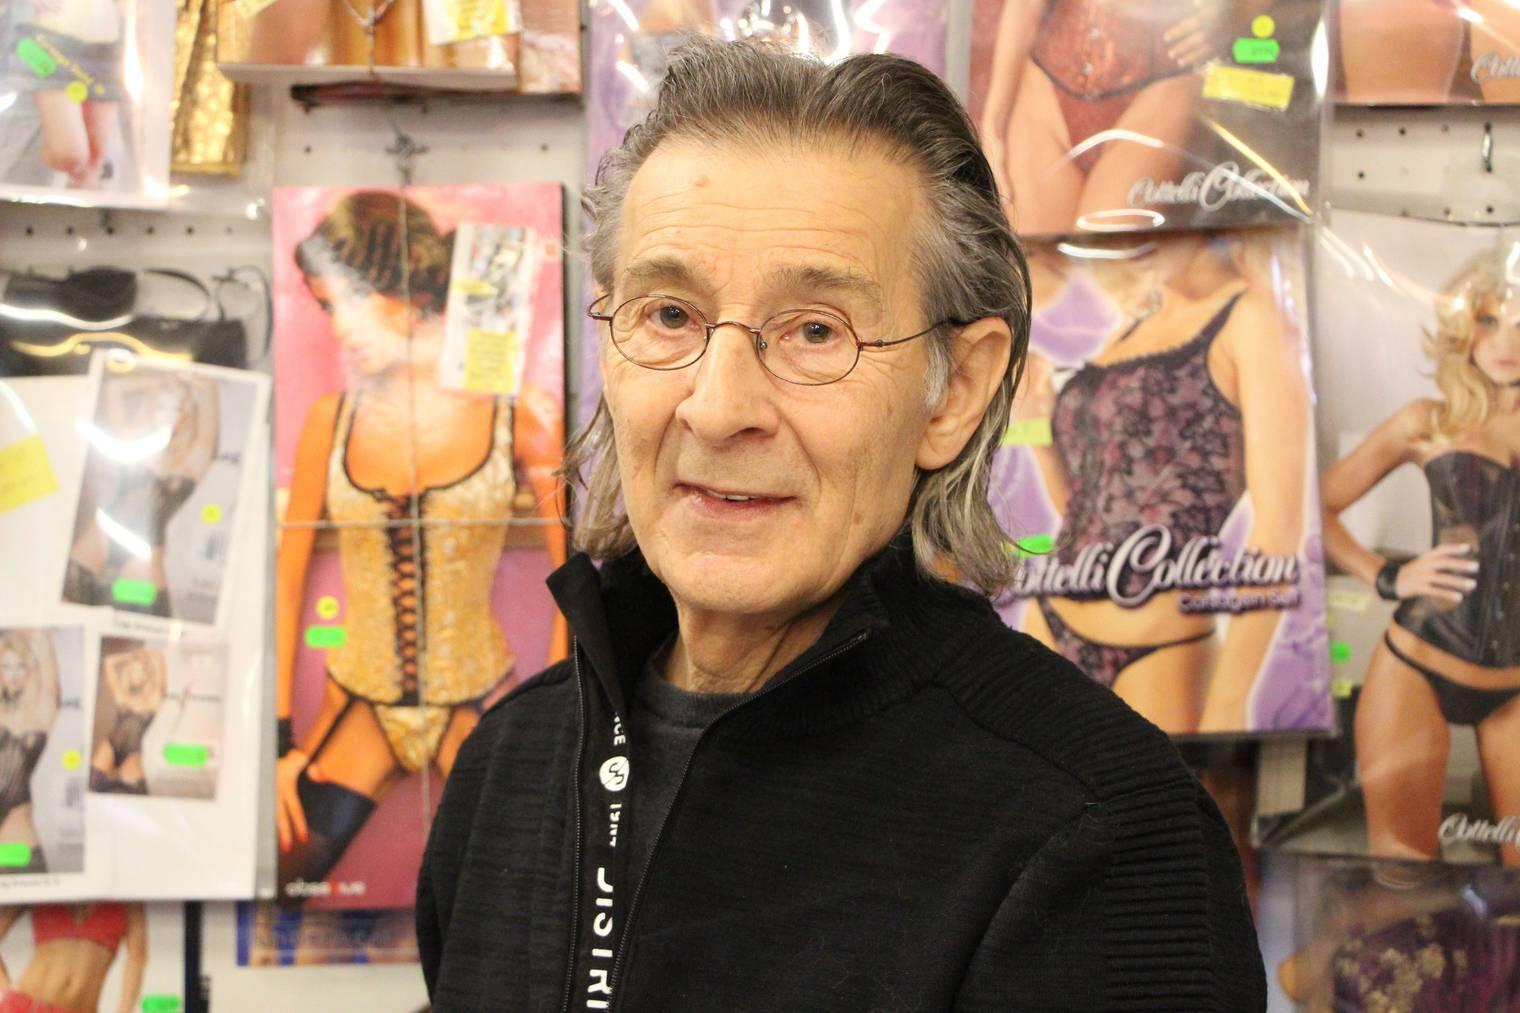 Gino Iller hinter seiner Verkaufstheke. Trotz Pension macht der 73-Jährige seinen Job noch immer sehr gern.